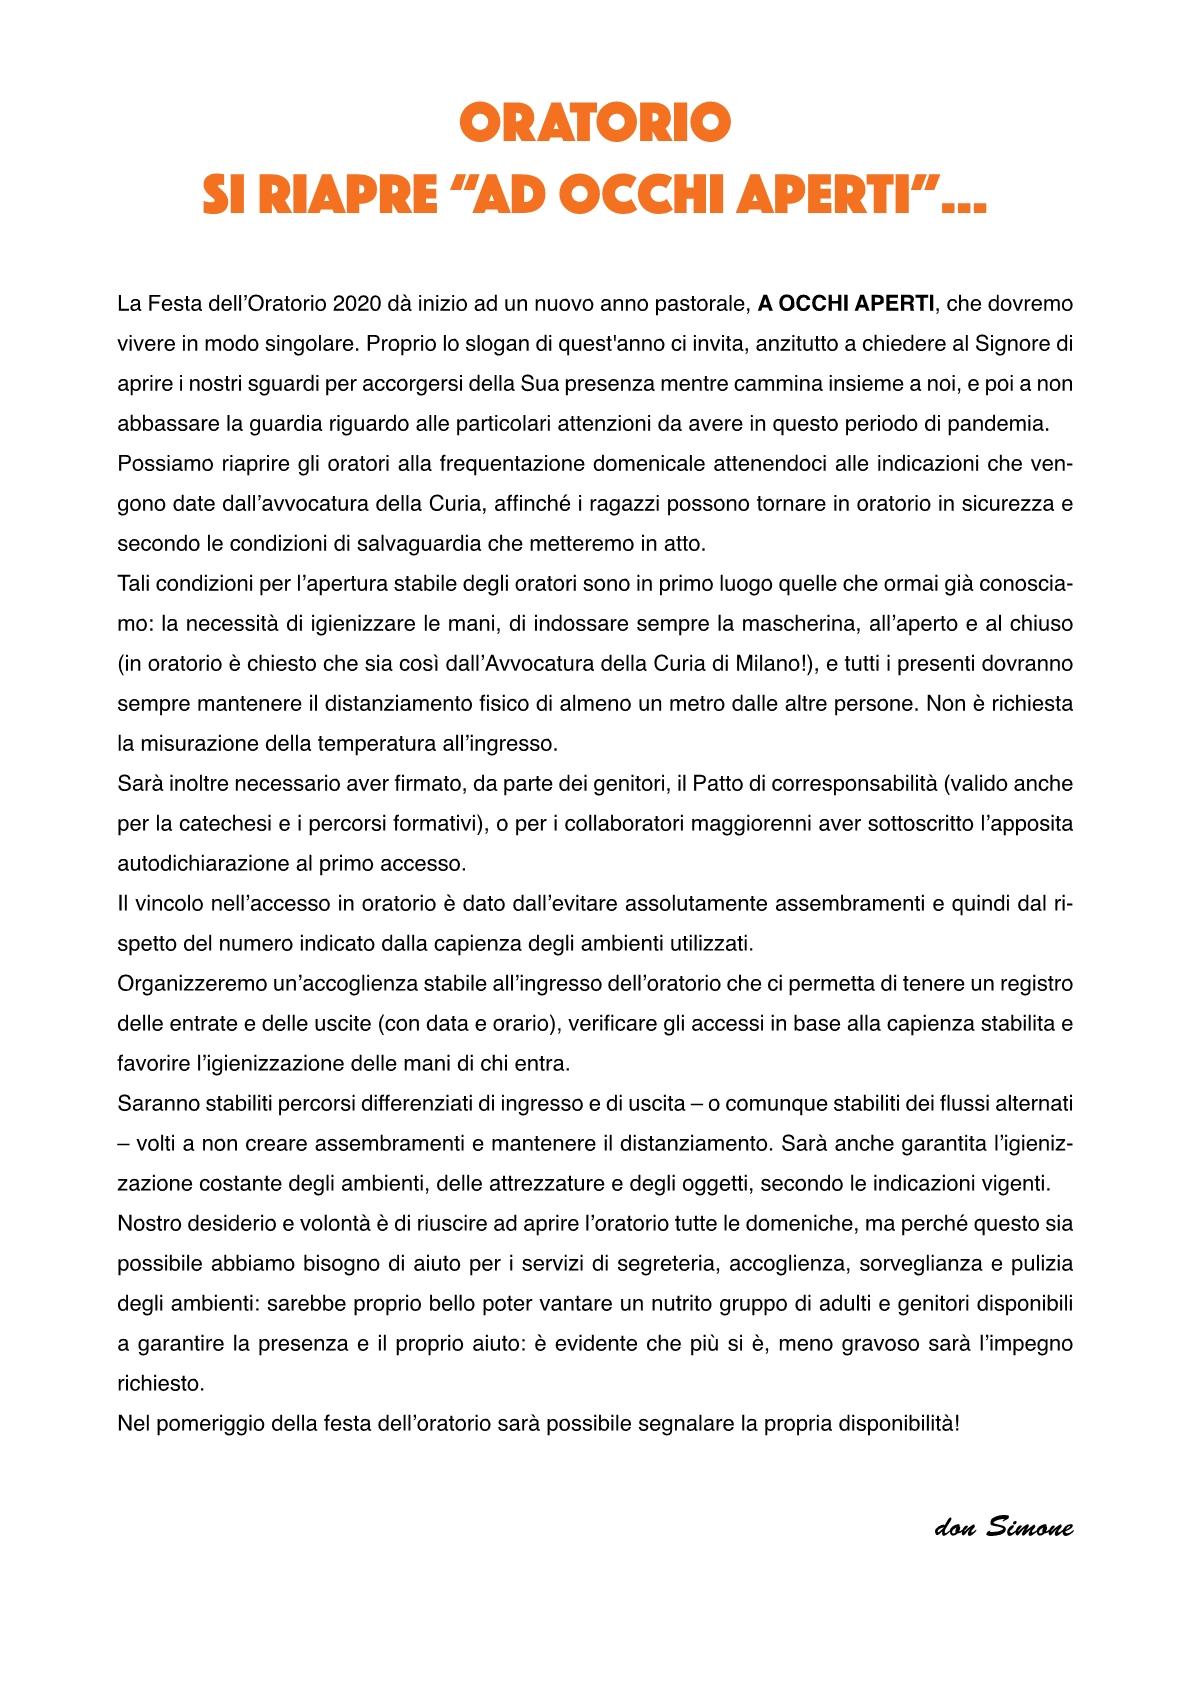 Volantino-Festa-oratorio-20202